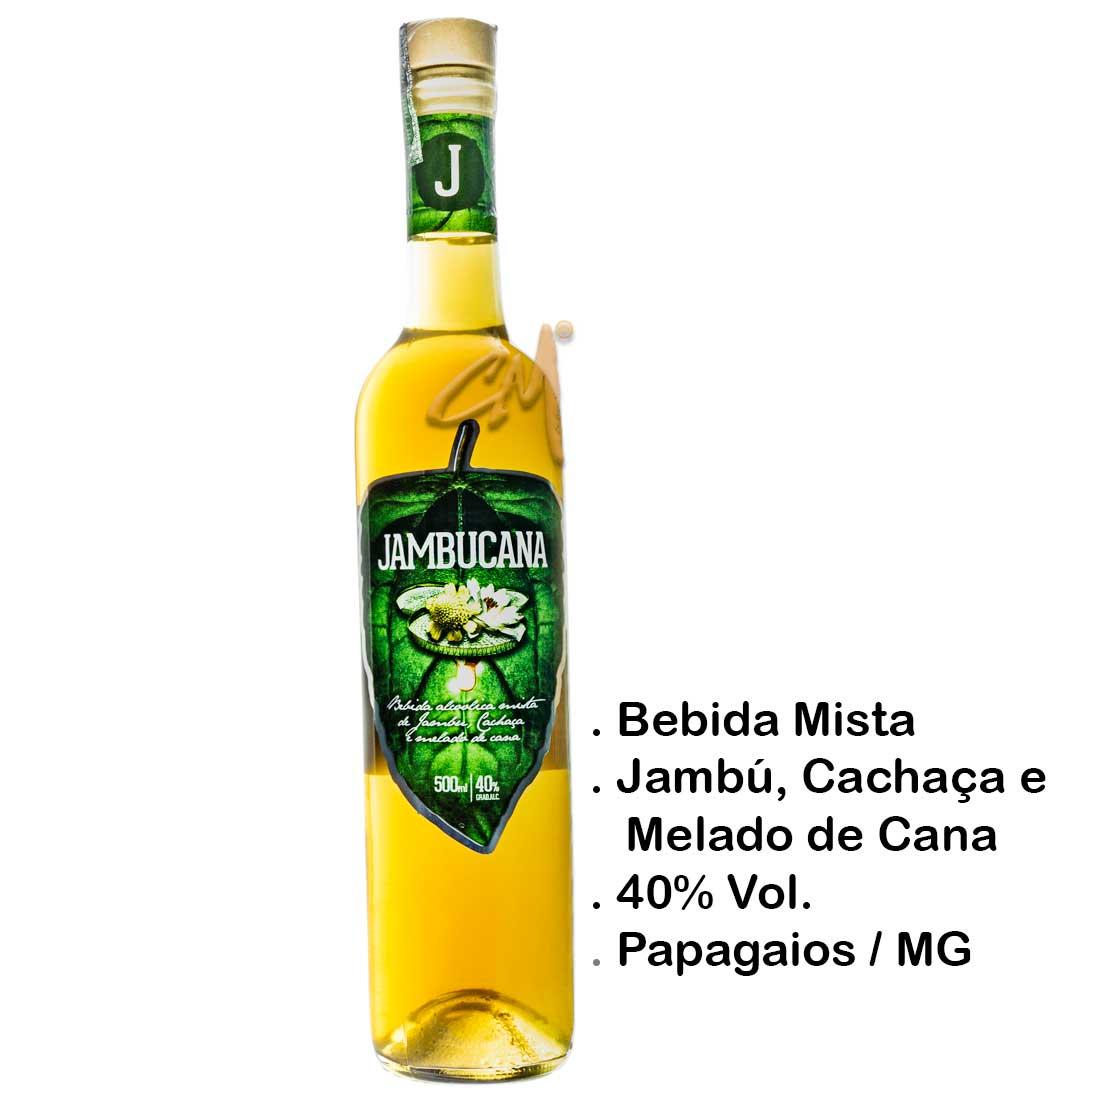 Bebida Mista Jambucana 500 ml (Papagaios - MG)